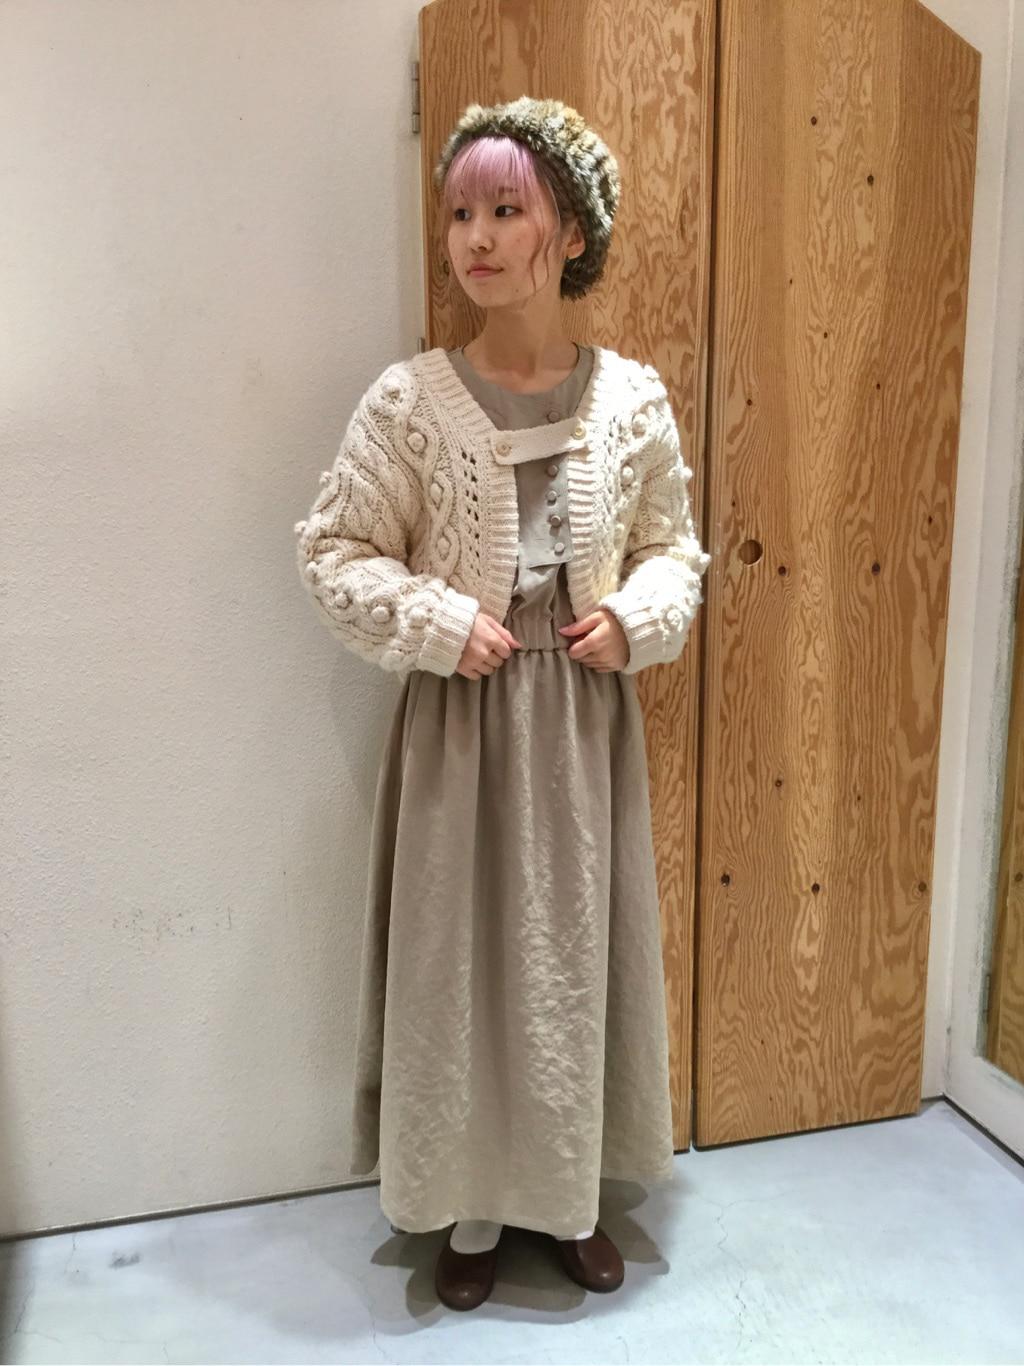 l'atelier du savon グランフロント大阪 身長:157cm 2019.11.17